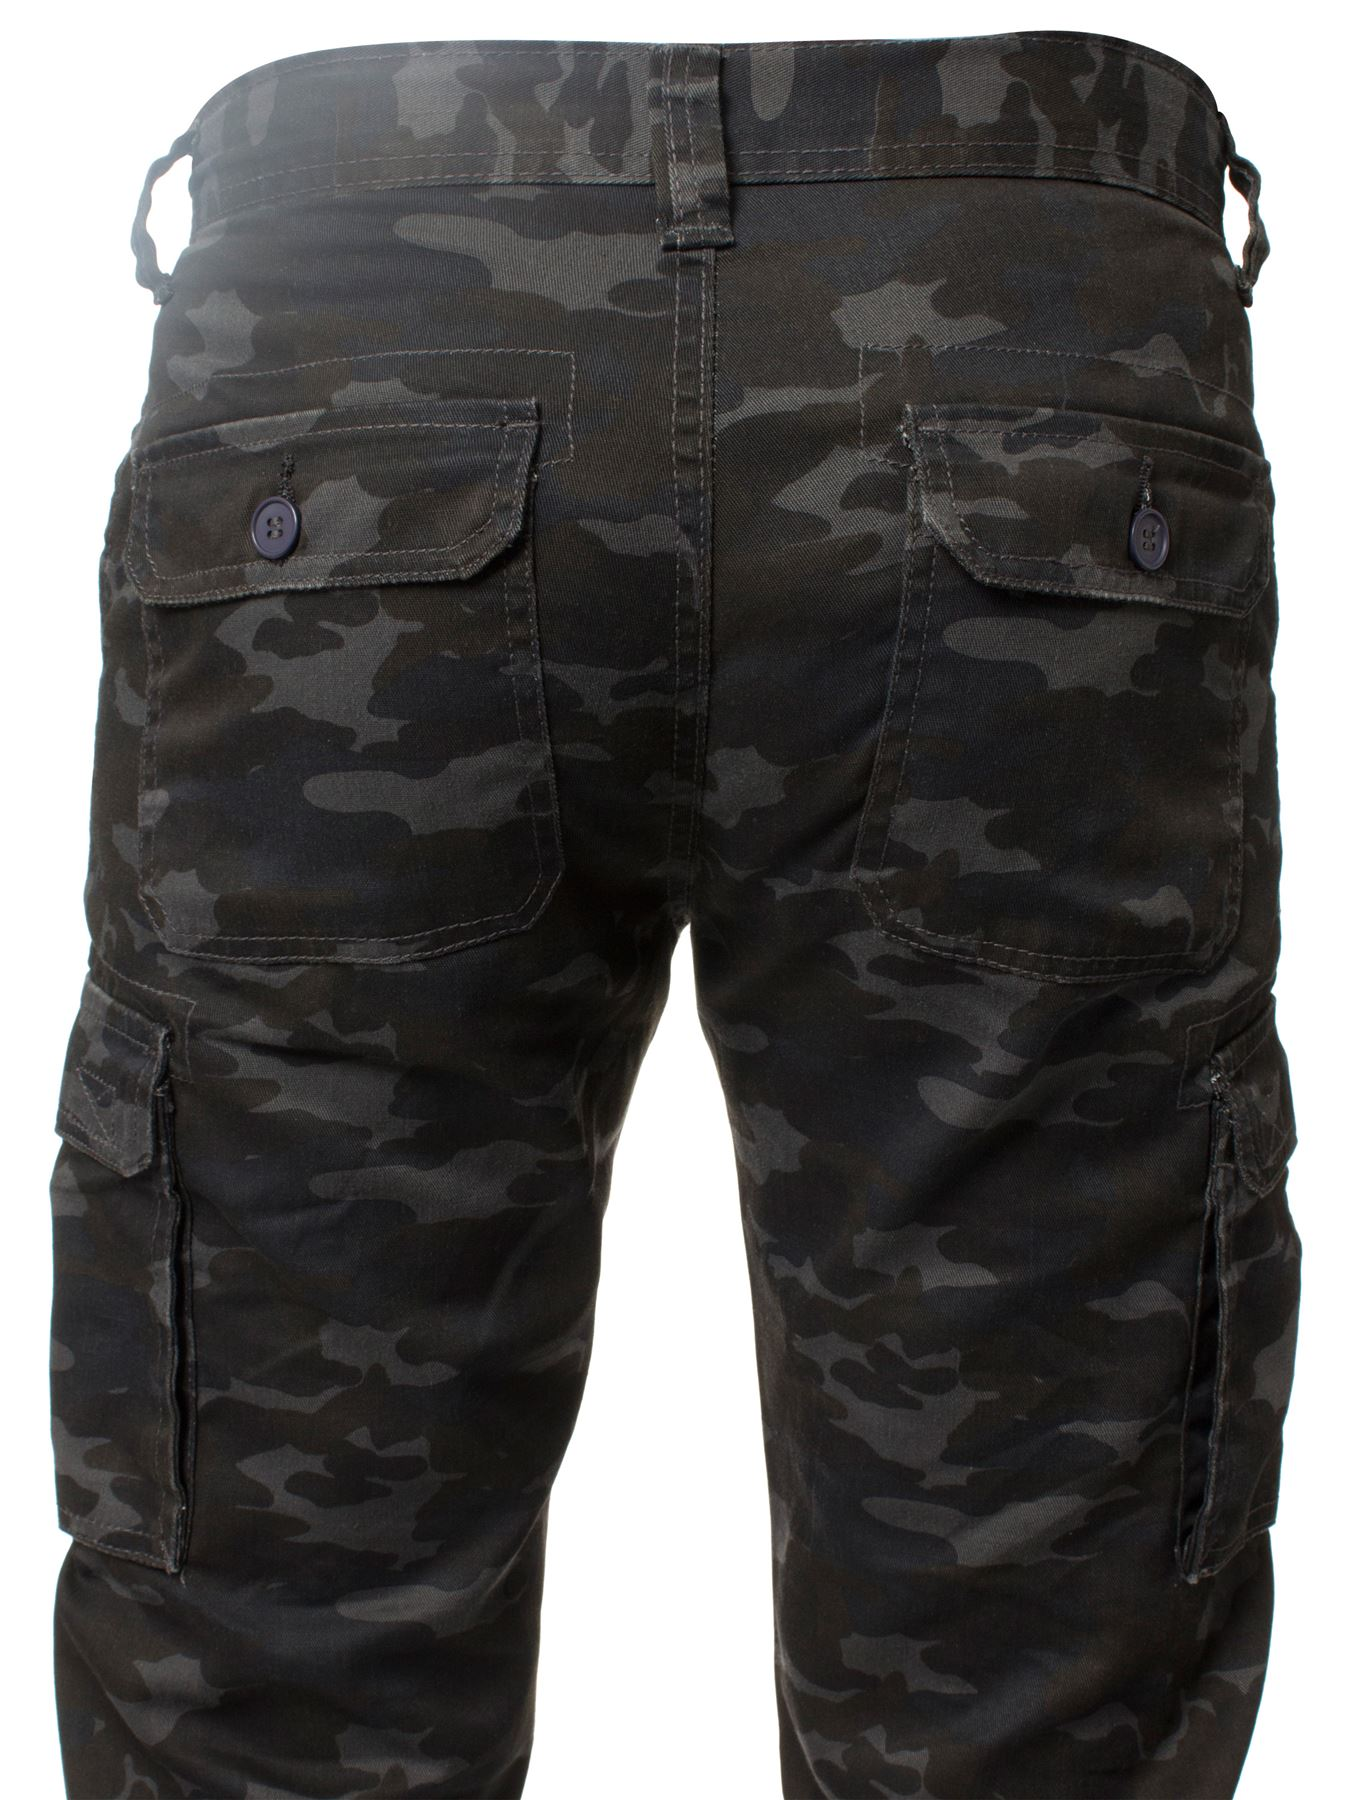 Kruze-Uomo-Militare-Pantaloni-Camouflage-Cargo-Mimetico-Casual-Lavoro miniatura 37